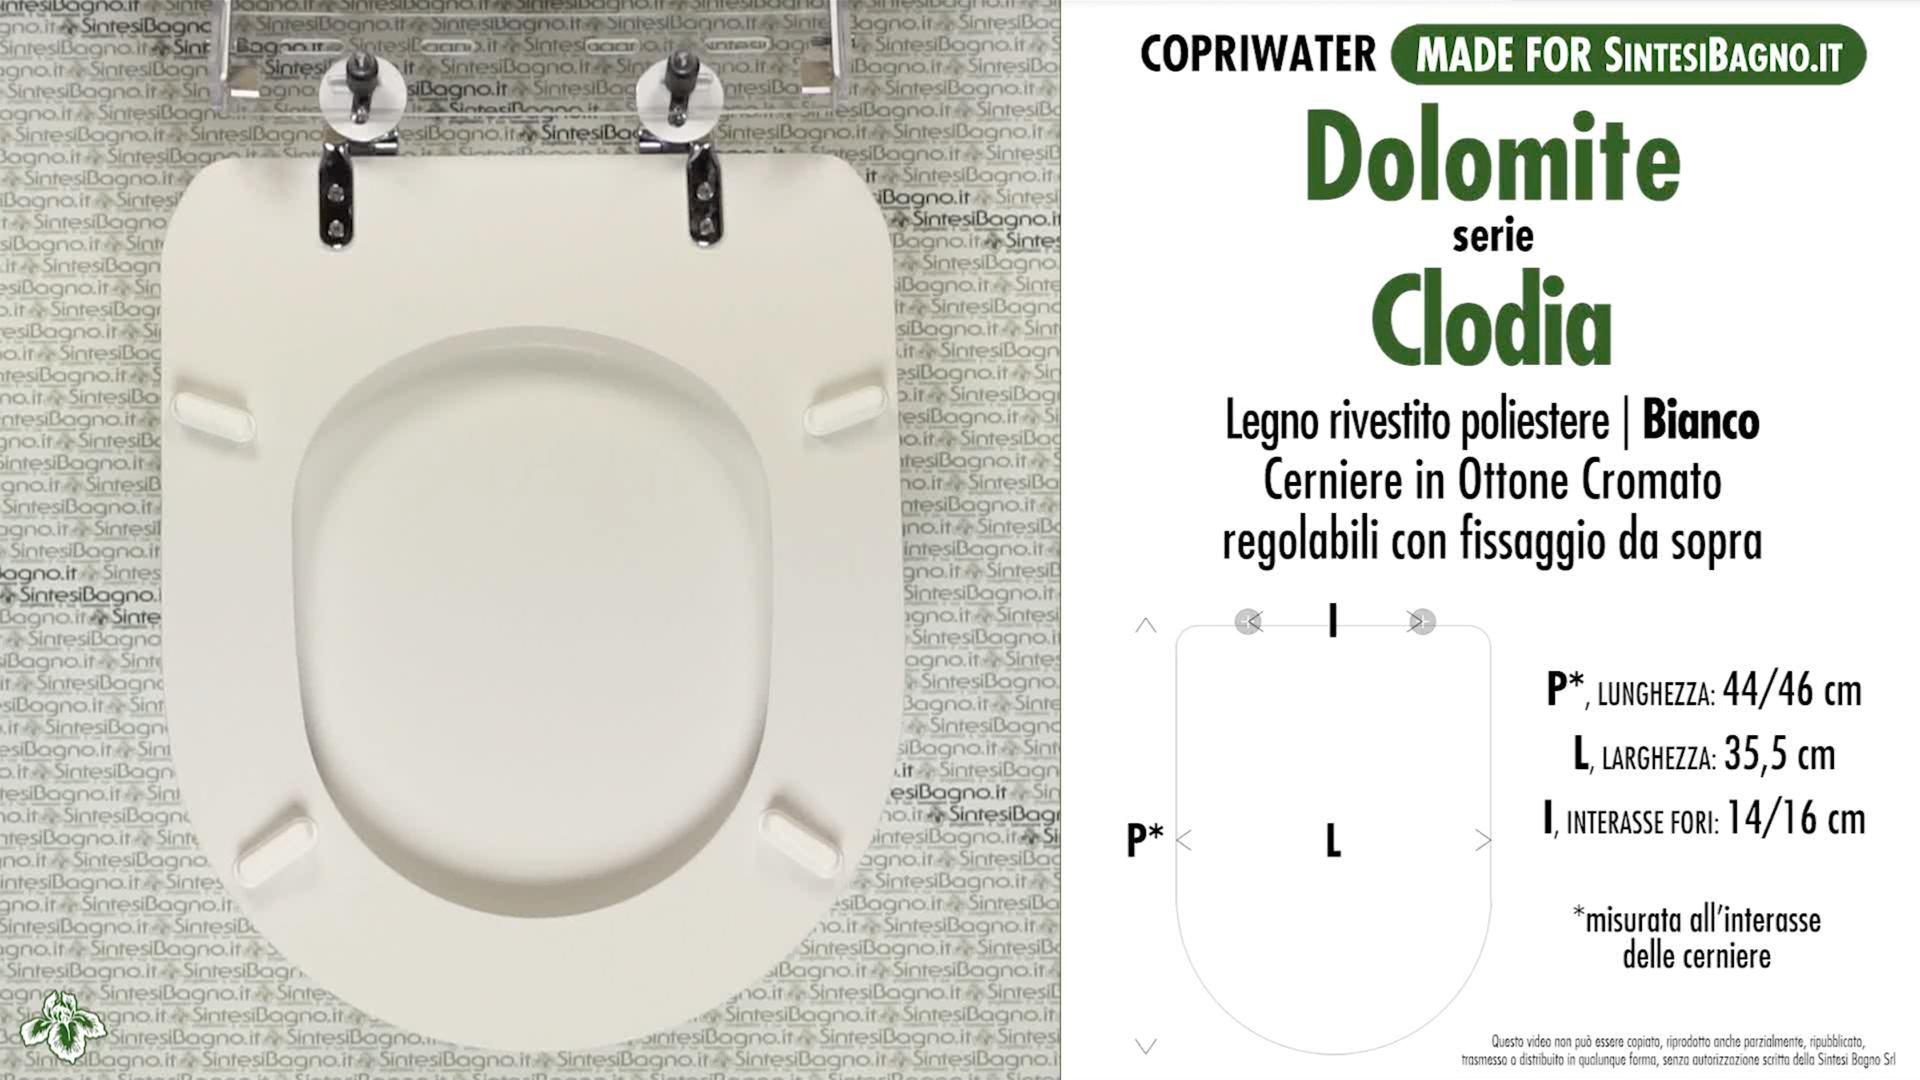 Sedile Wc Dolomite Clodia.Copriwater Per Wc Clodia Duo Dolomite Ricambio Dedicato Legno Rivestito Sintesibagno Shop Online